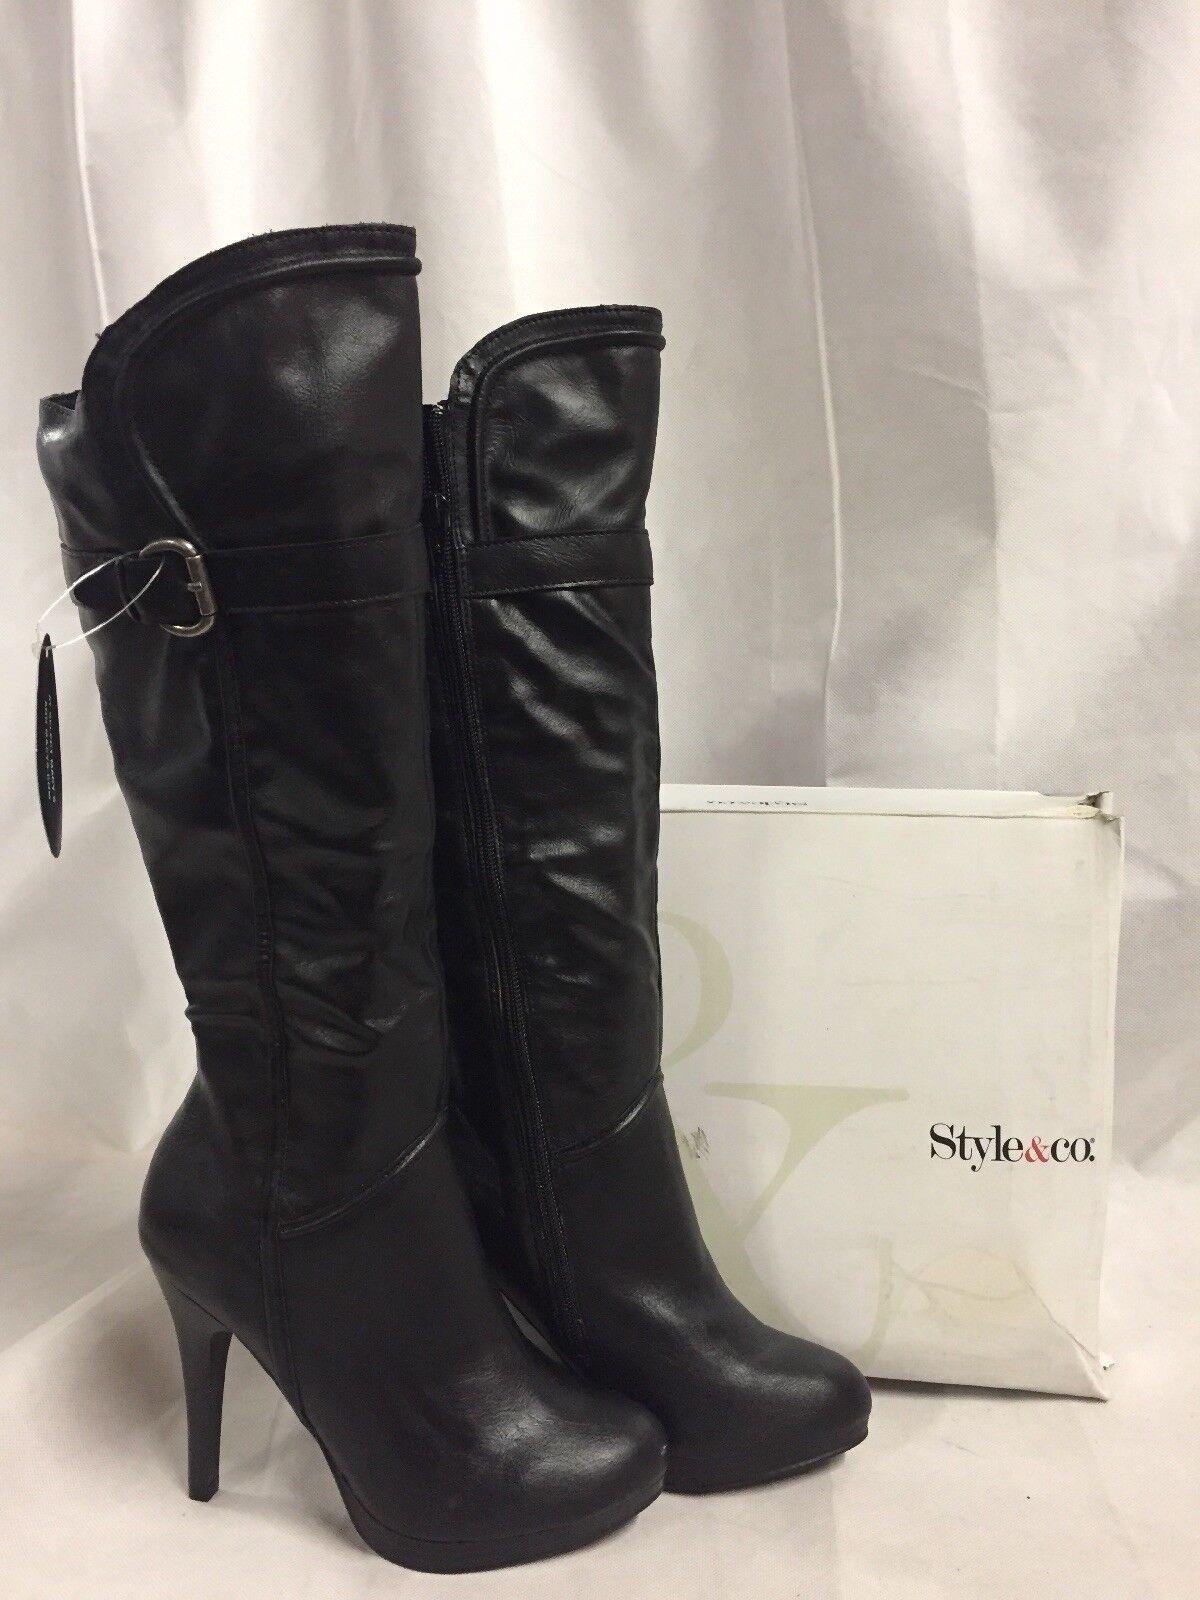 Style & Co Women's Feisty Heels Boots, Black, Size 6 M